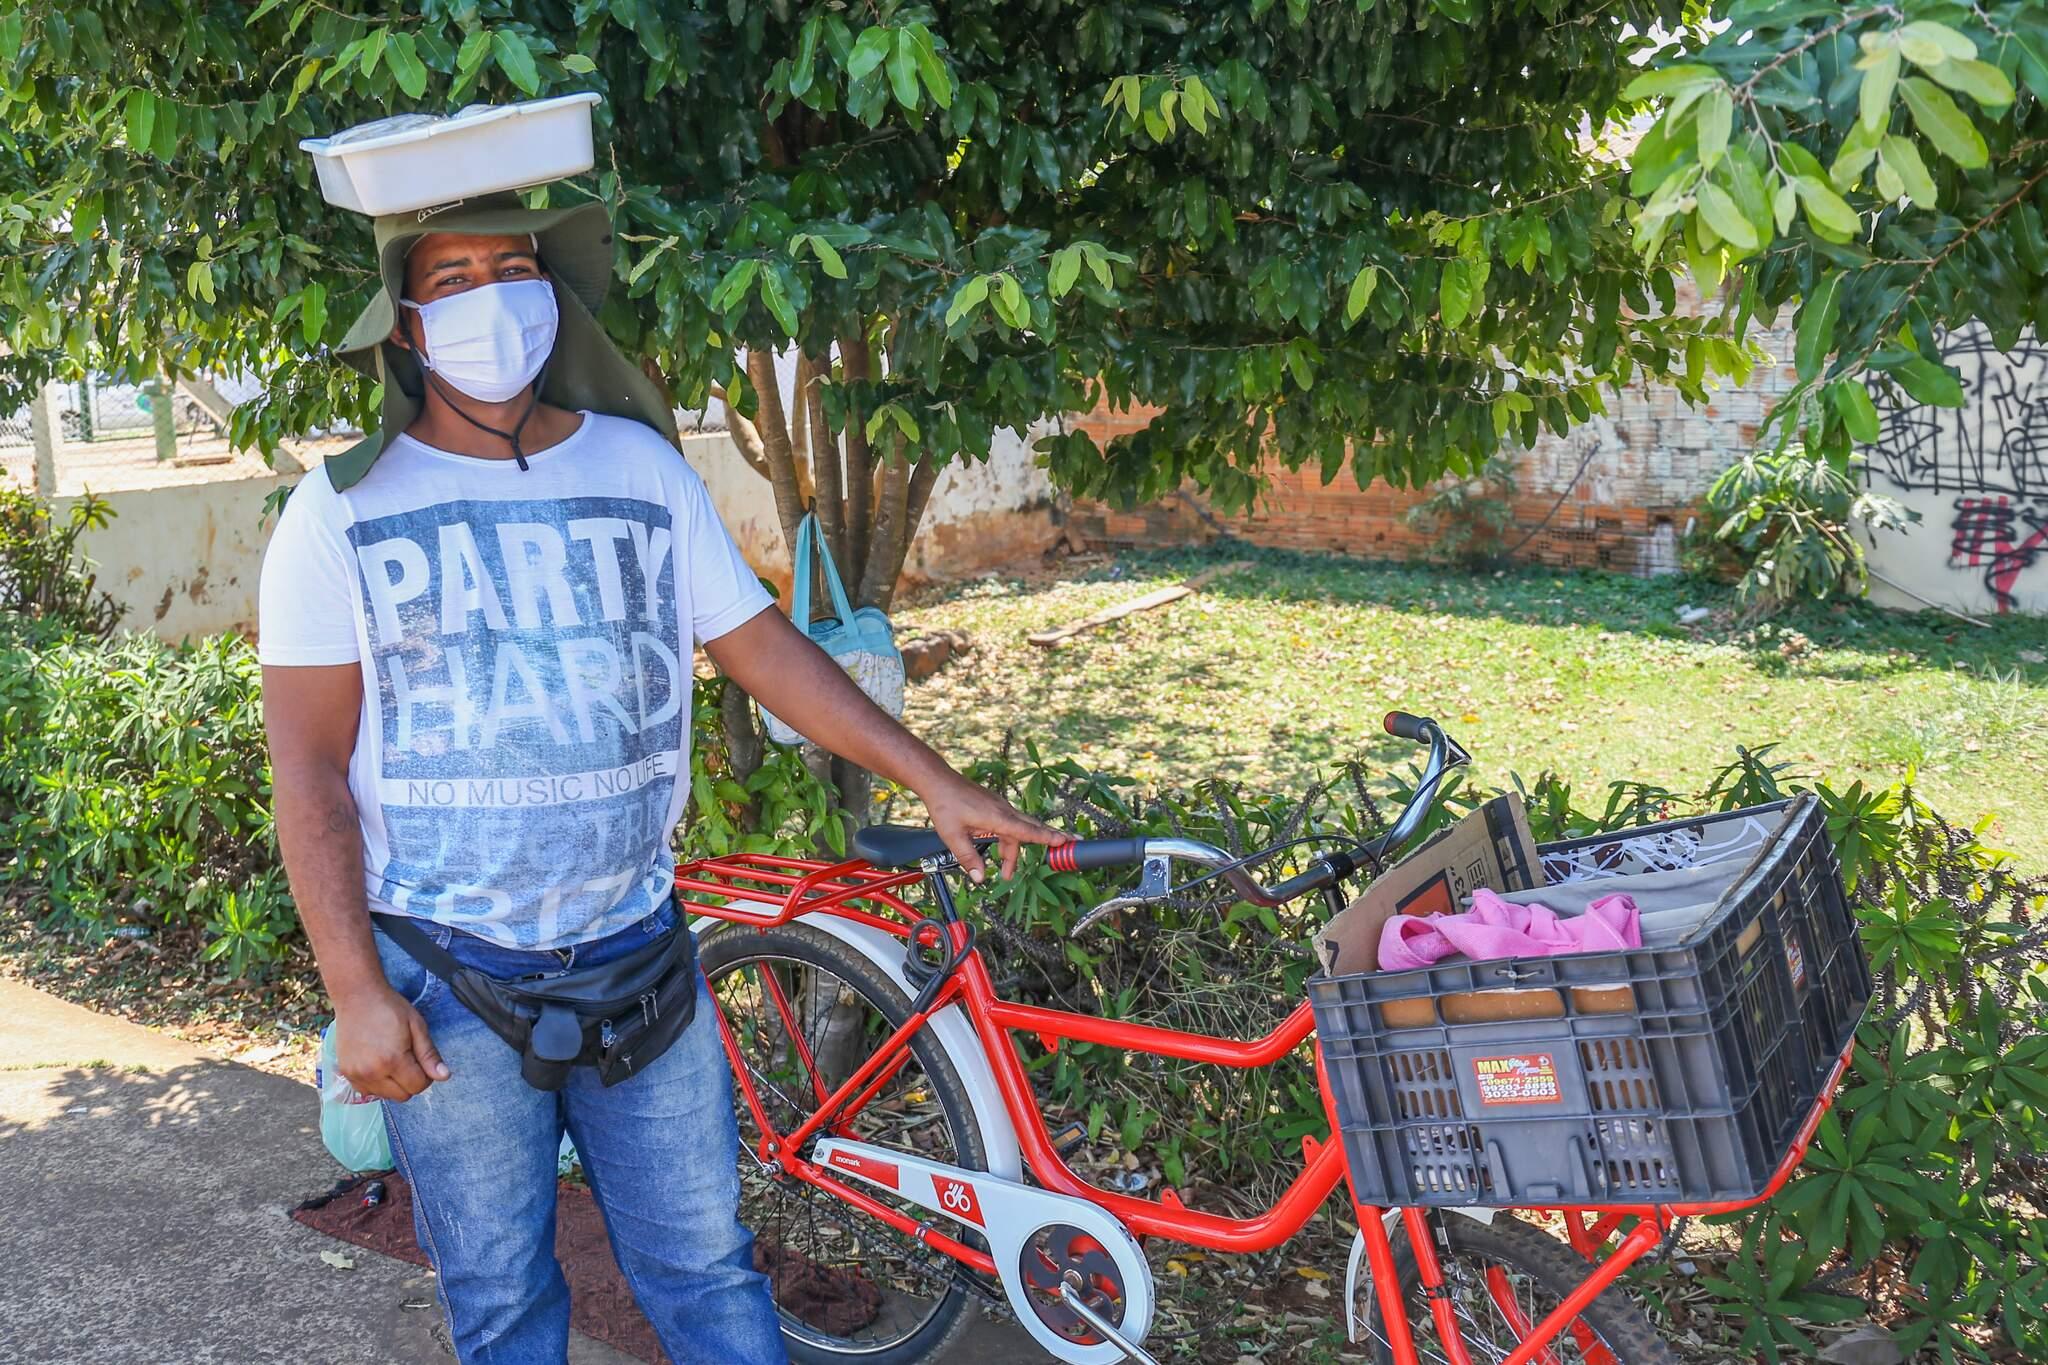 Raul mostra sua nova bicicleta, nada parecida com a Caloi 10 que tinha anteriormente. (Foto: Paulo Francis)